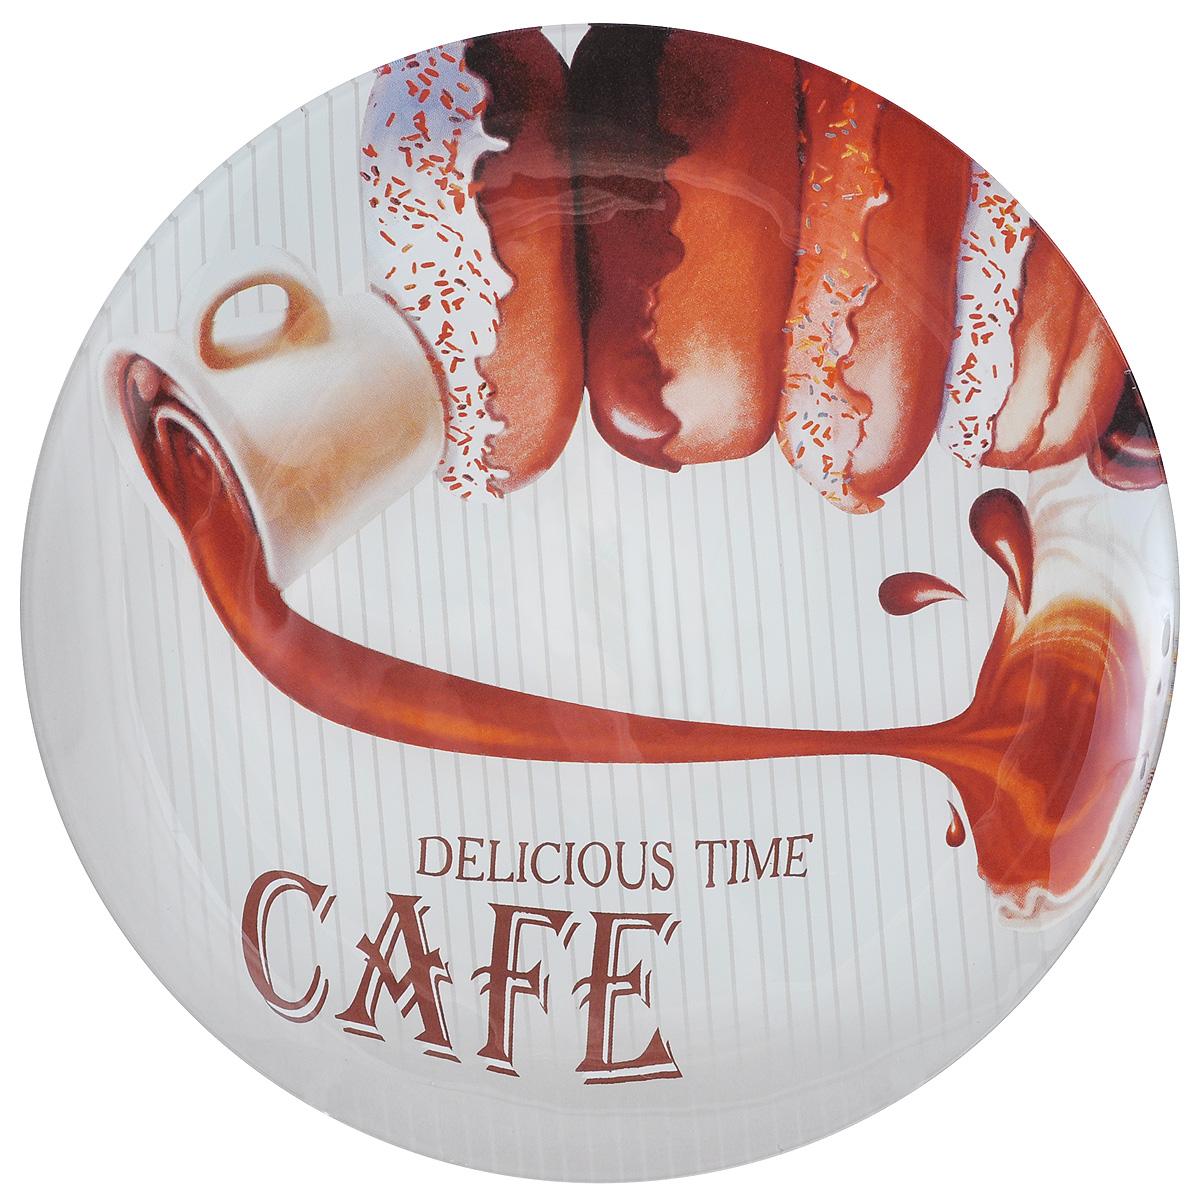 Тарелка Zibo Shelley Пончики. Крем, диаметр 25 смZSDC3110Круглая тарелка Zibo Shelley Пончики. Крем, изготовленная из стекла, декорирована ярким изображением. Она не только украсит сервировку вашего стола и подчеркнет прекрасный вкус хозяина, но и станет отличным подарком. Можно использовать в посудомоечной машине и СВЧ. Диаметр: 25 см. Высота: 1,5 см.